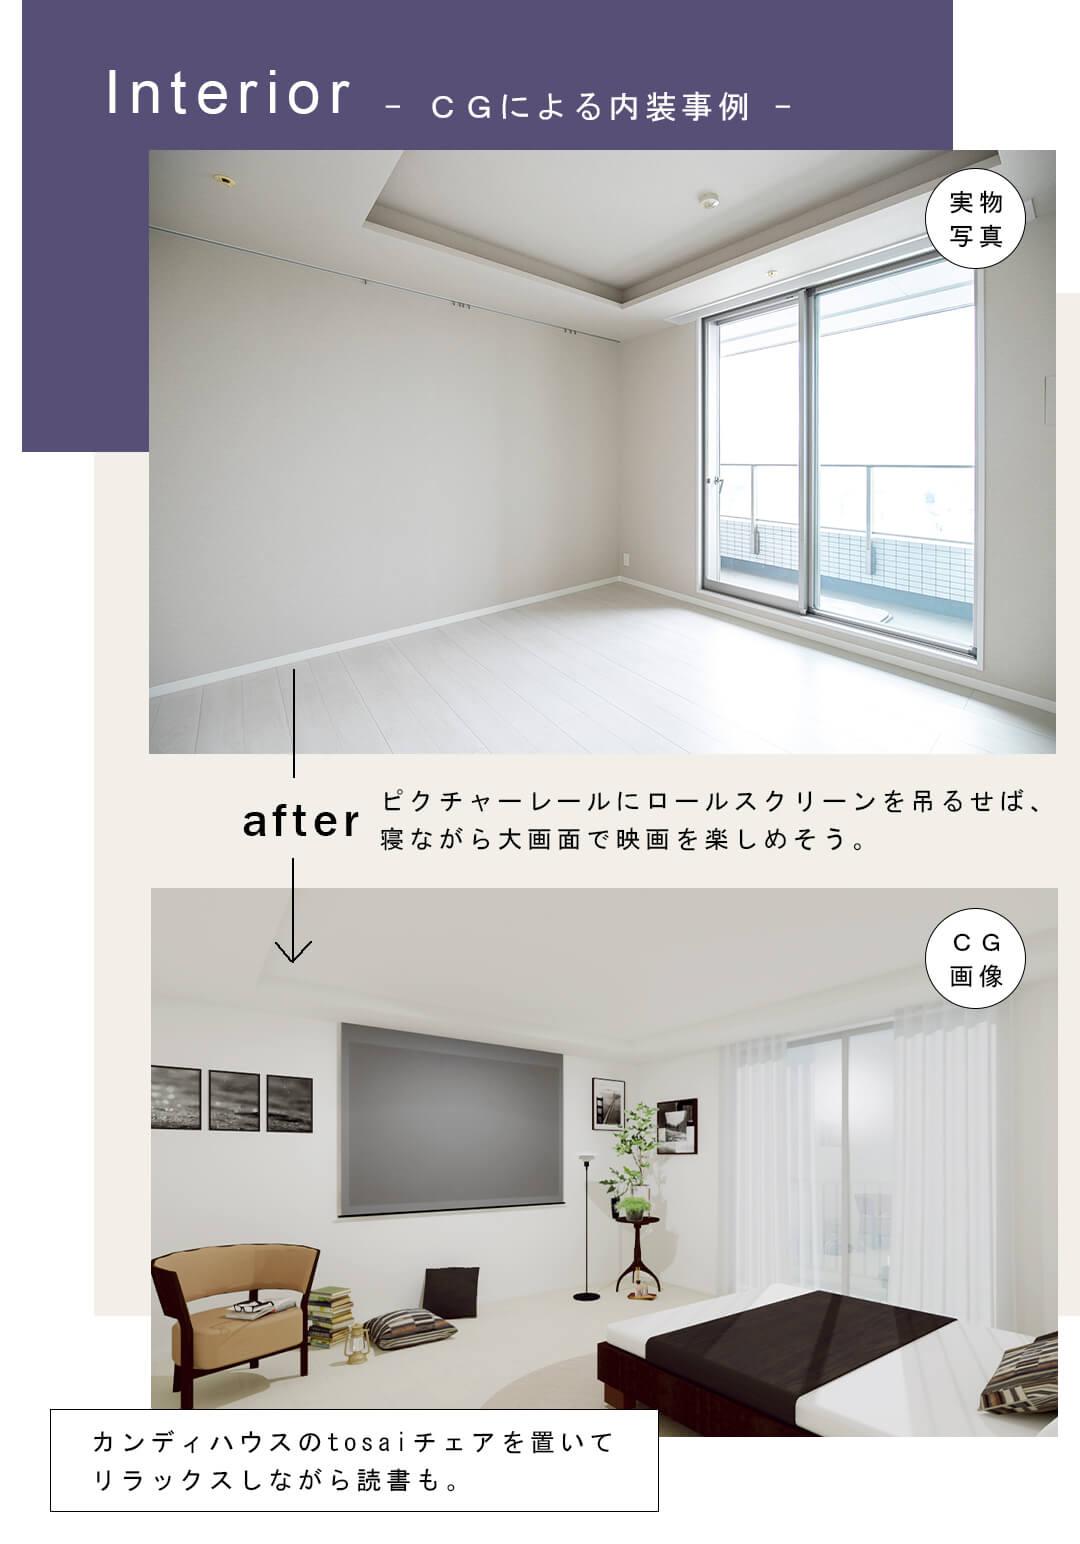 東京ツインパークスライトウィングのCGによる内装事例